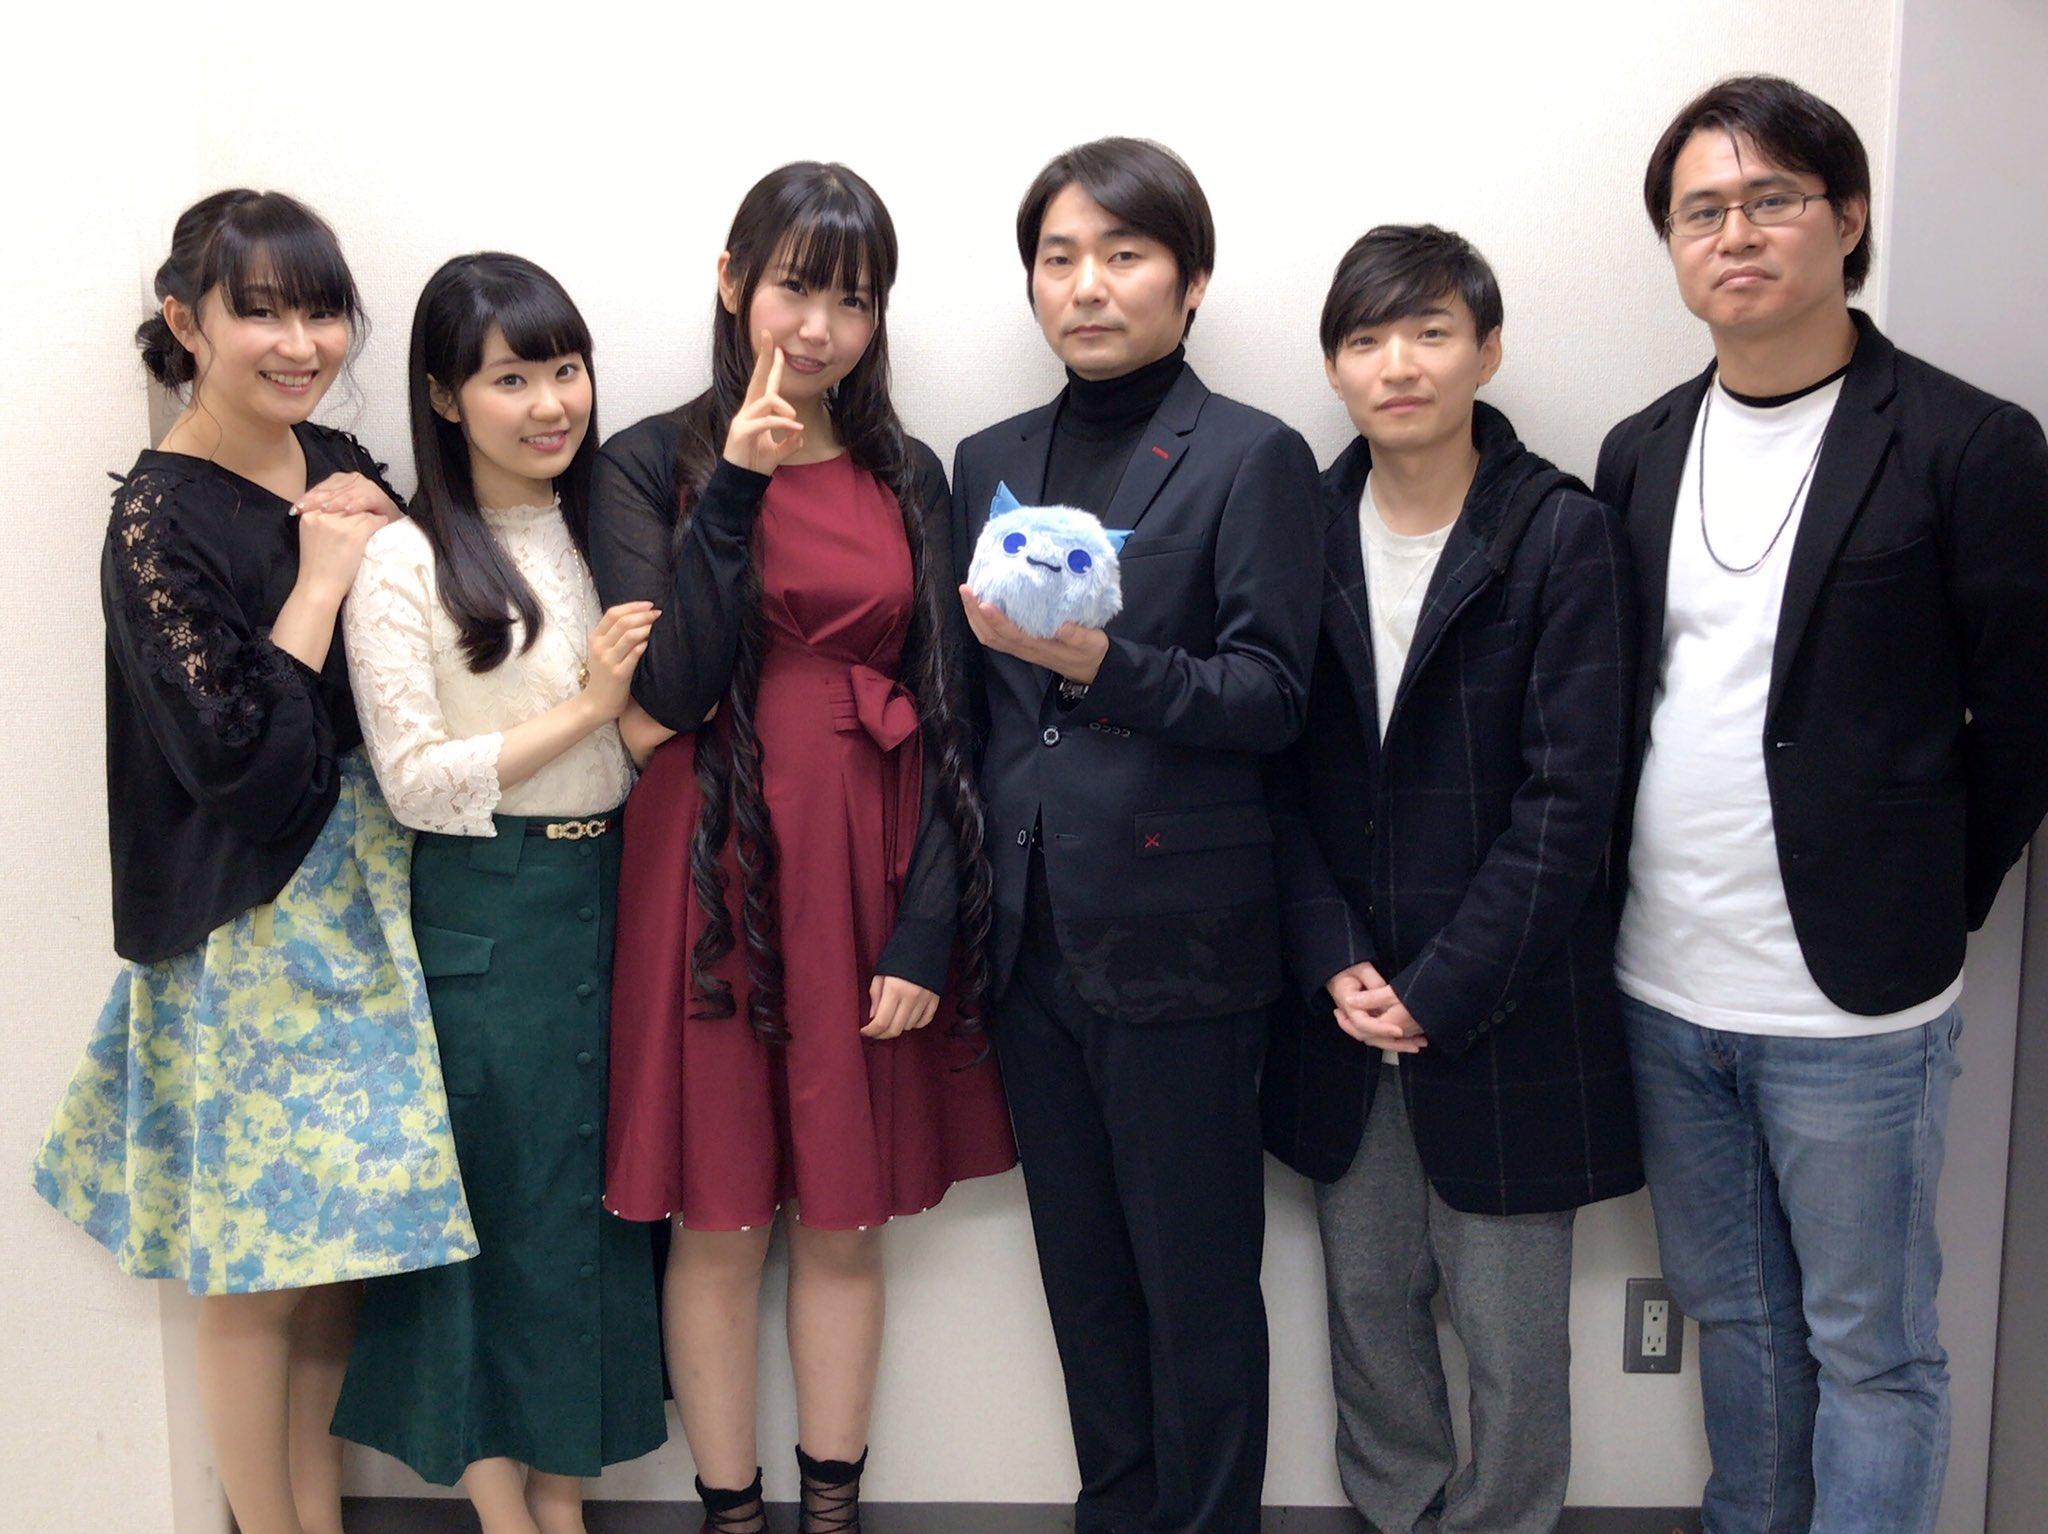 성우 토우야마 나오의 오피셜 트위터에 올라온 사진..